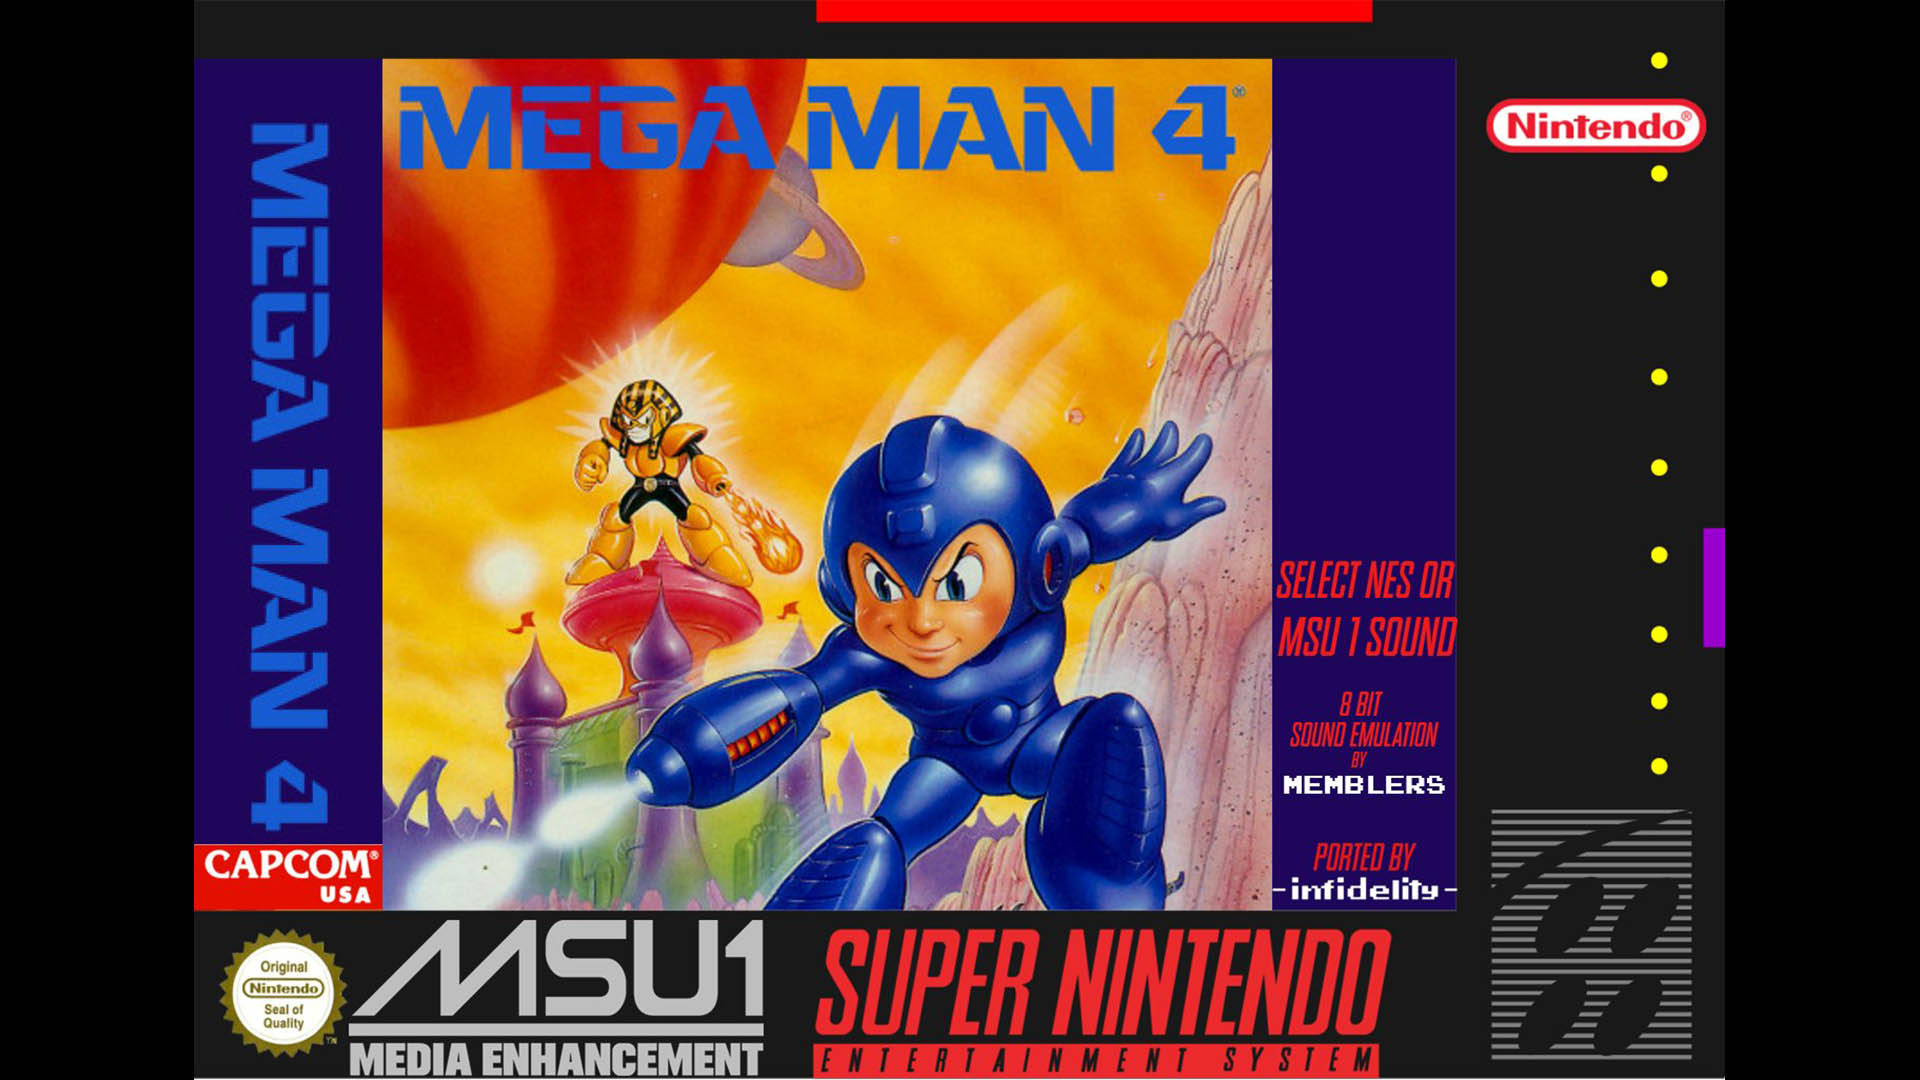 Mega Man 4 SNES Port